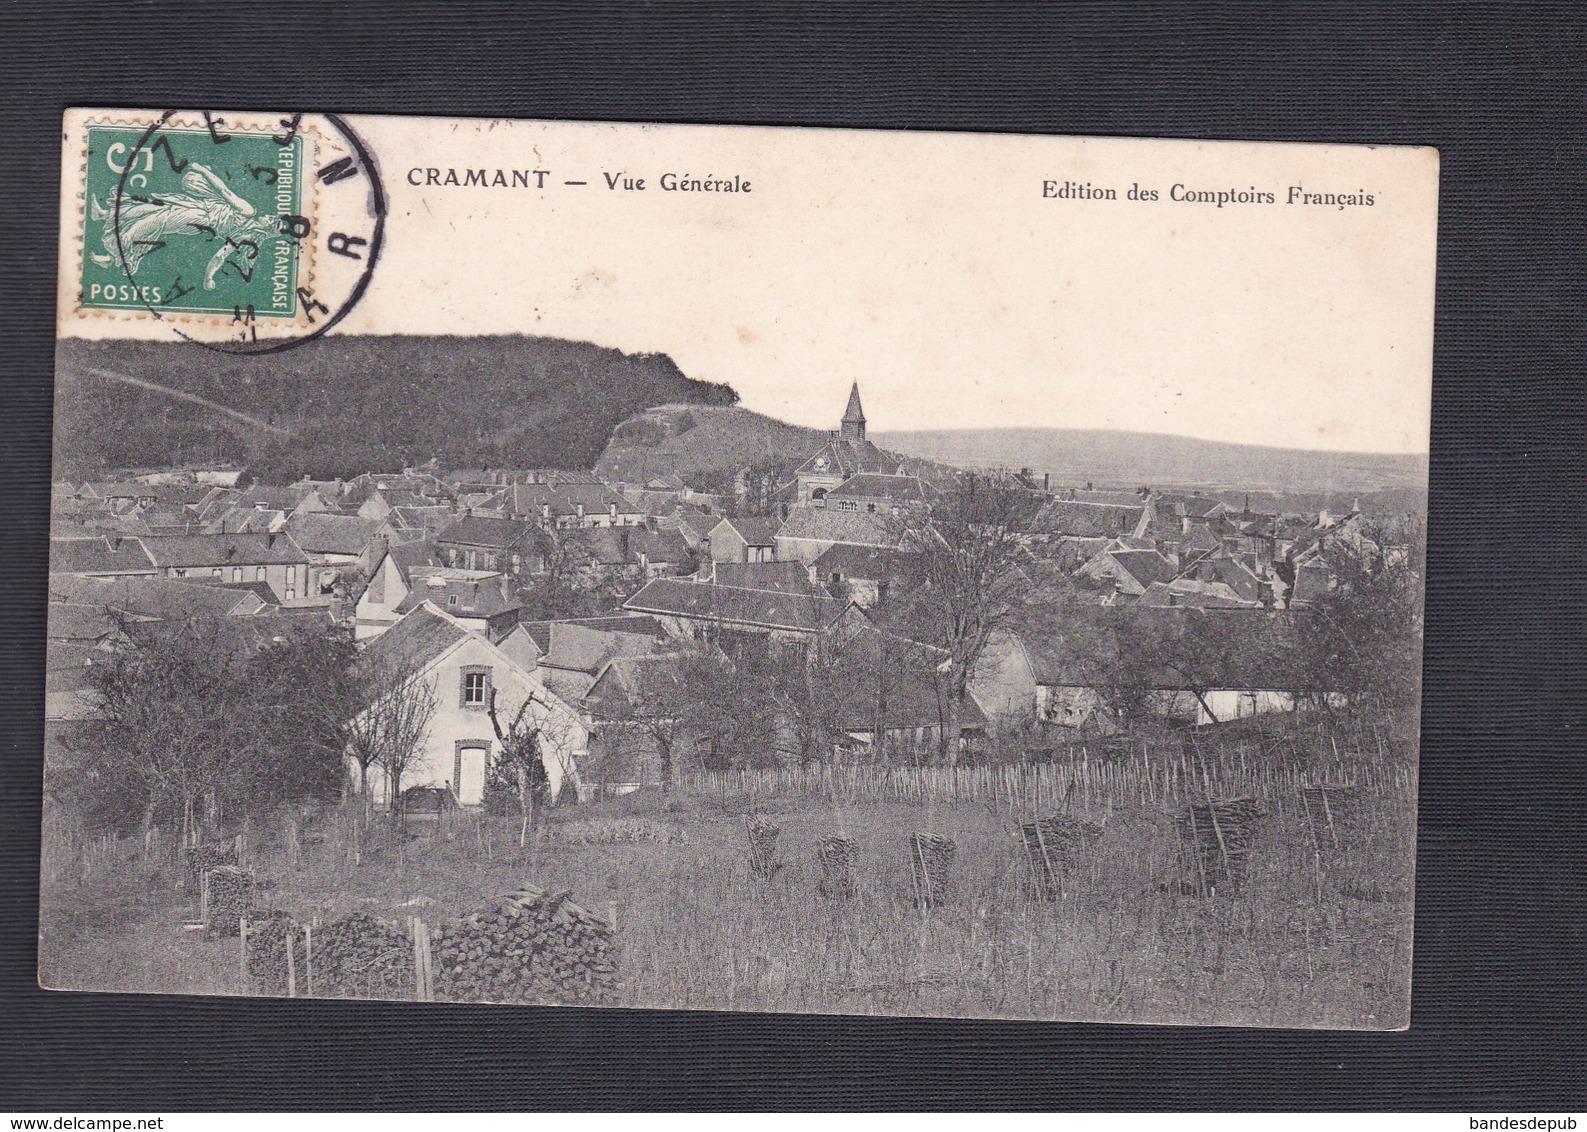 Cramant (51) Vue Generale ( Edition Des Comptoirs Francais ) - France